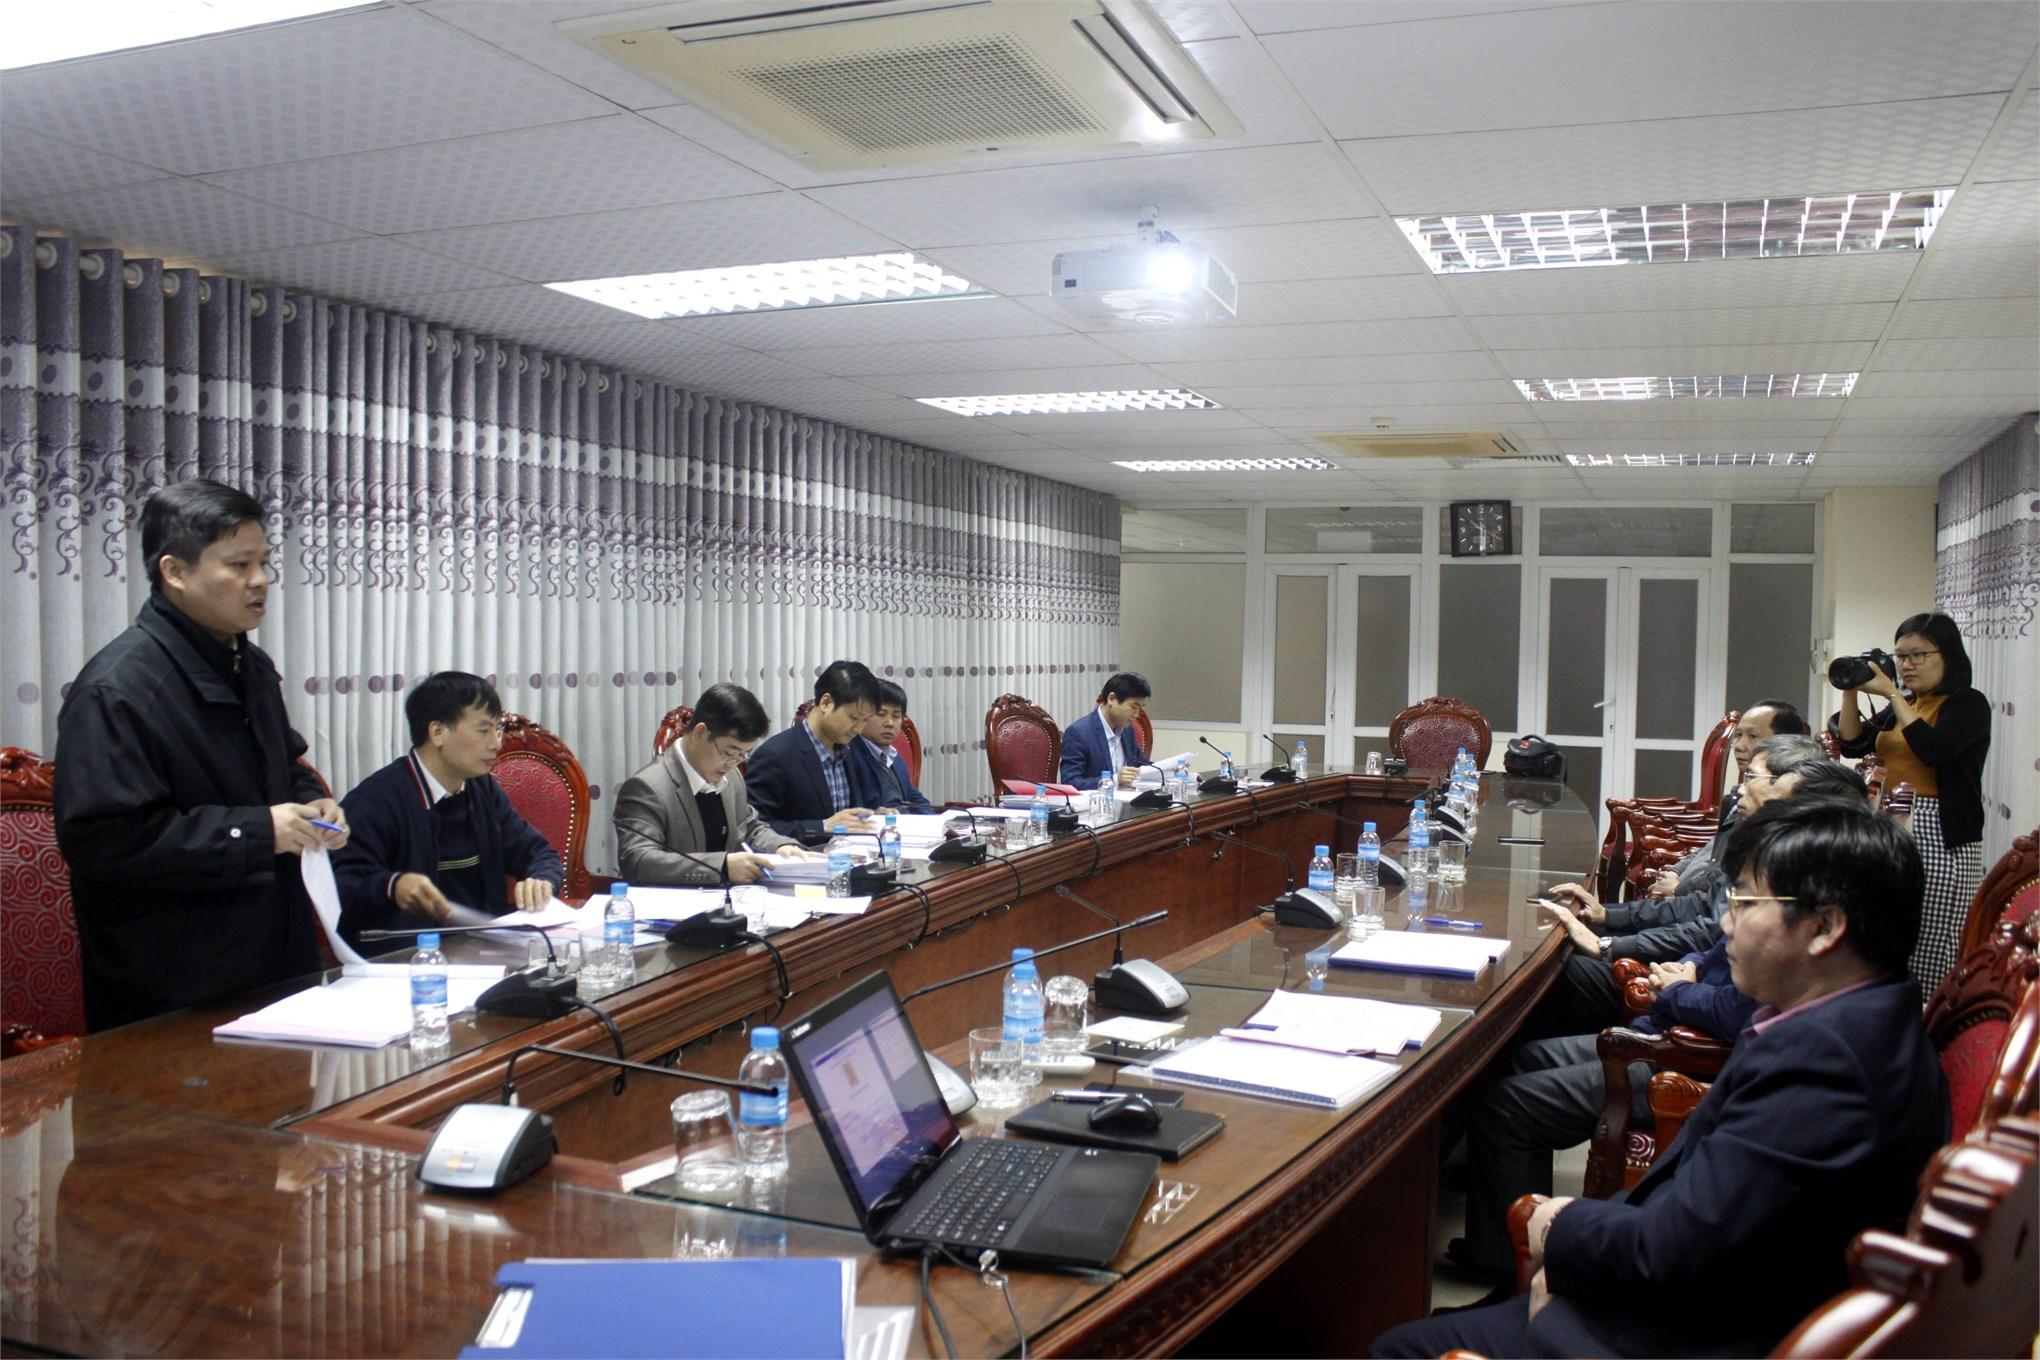 Nghiệm thu cấp cơ sở đề tài nghiên cứu khoa học Bộ Công Thương do PGS.TS. Phạm Văn Bổng chủ nhiệm